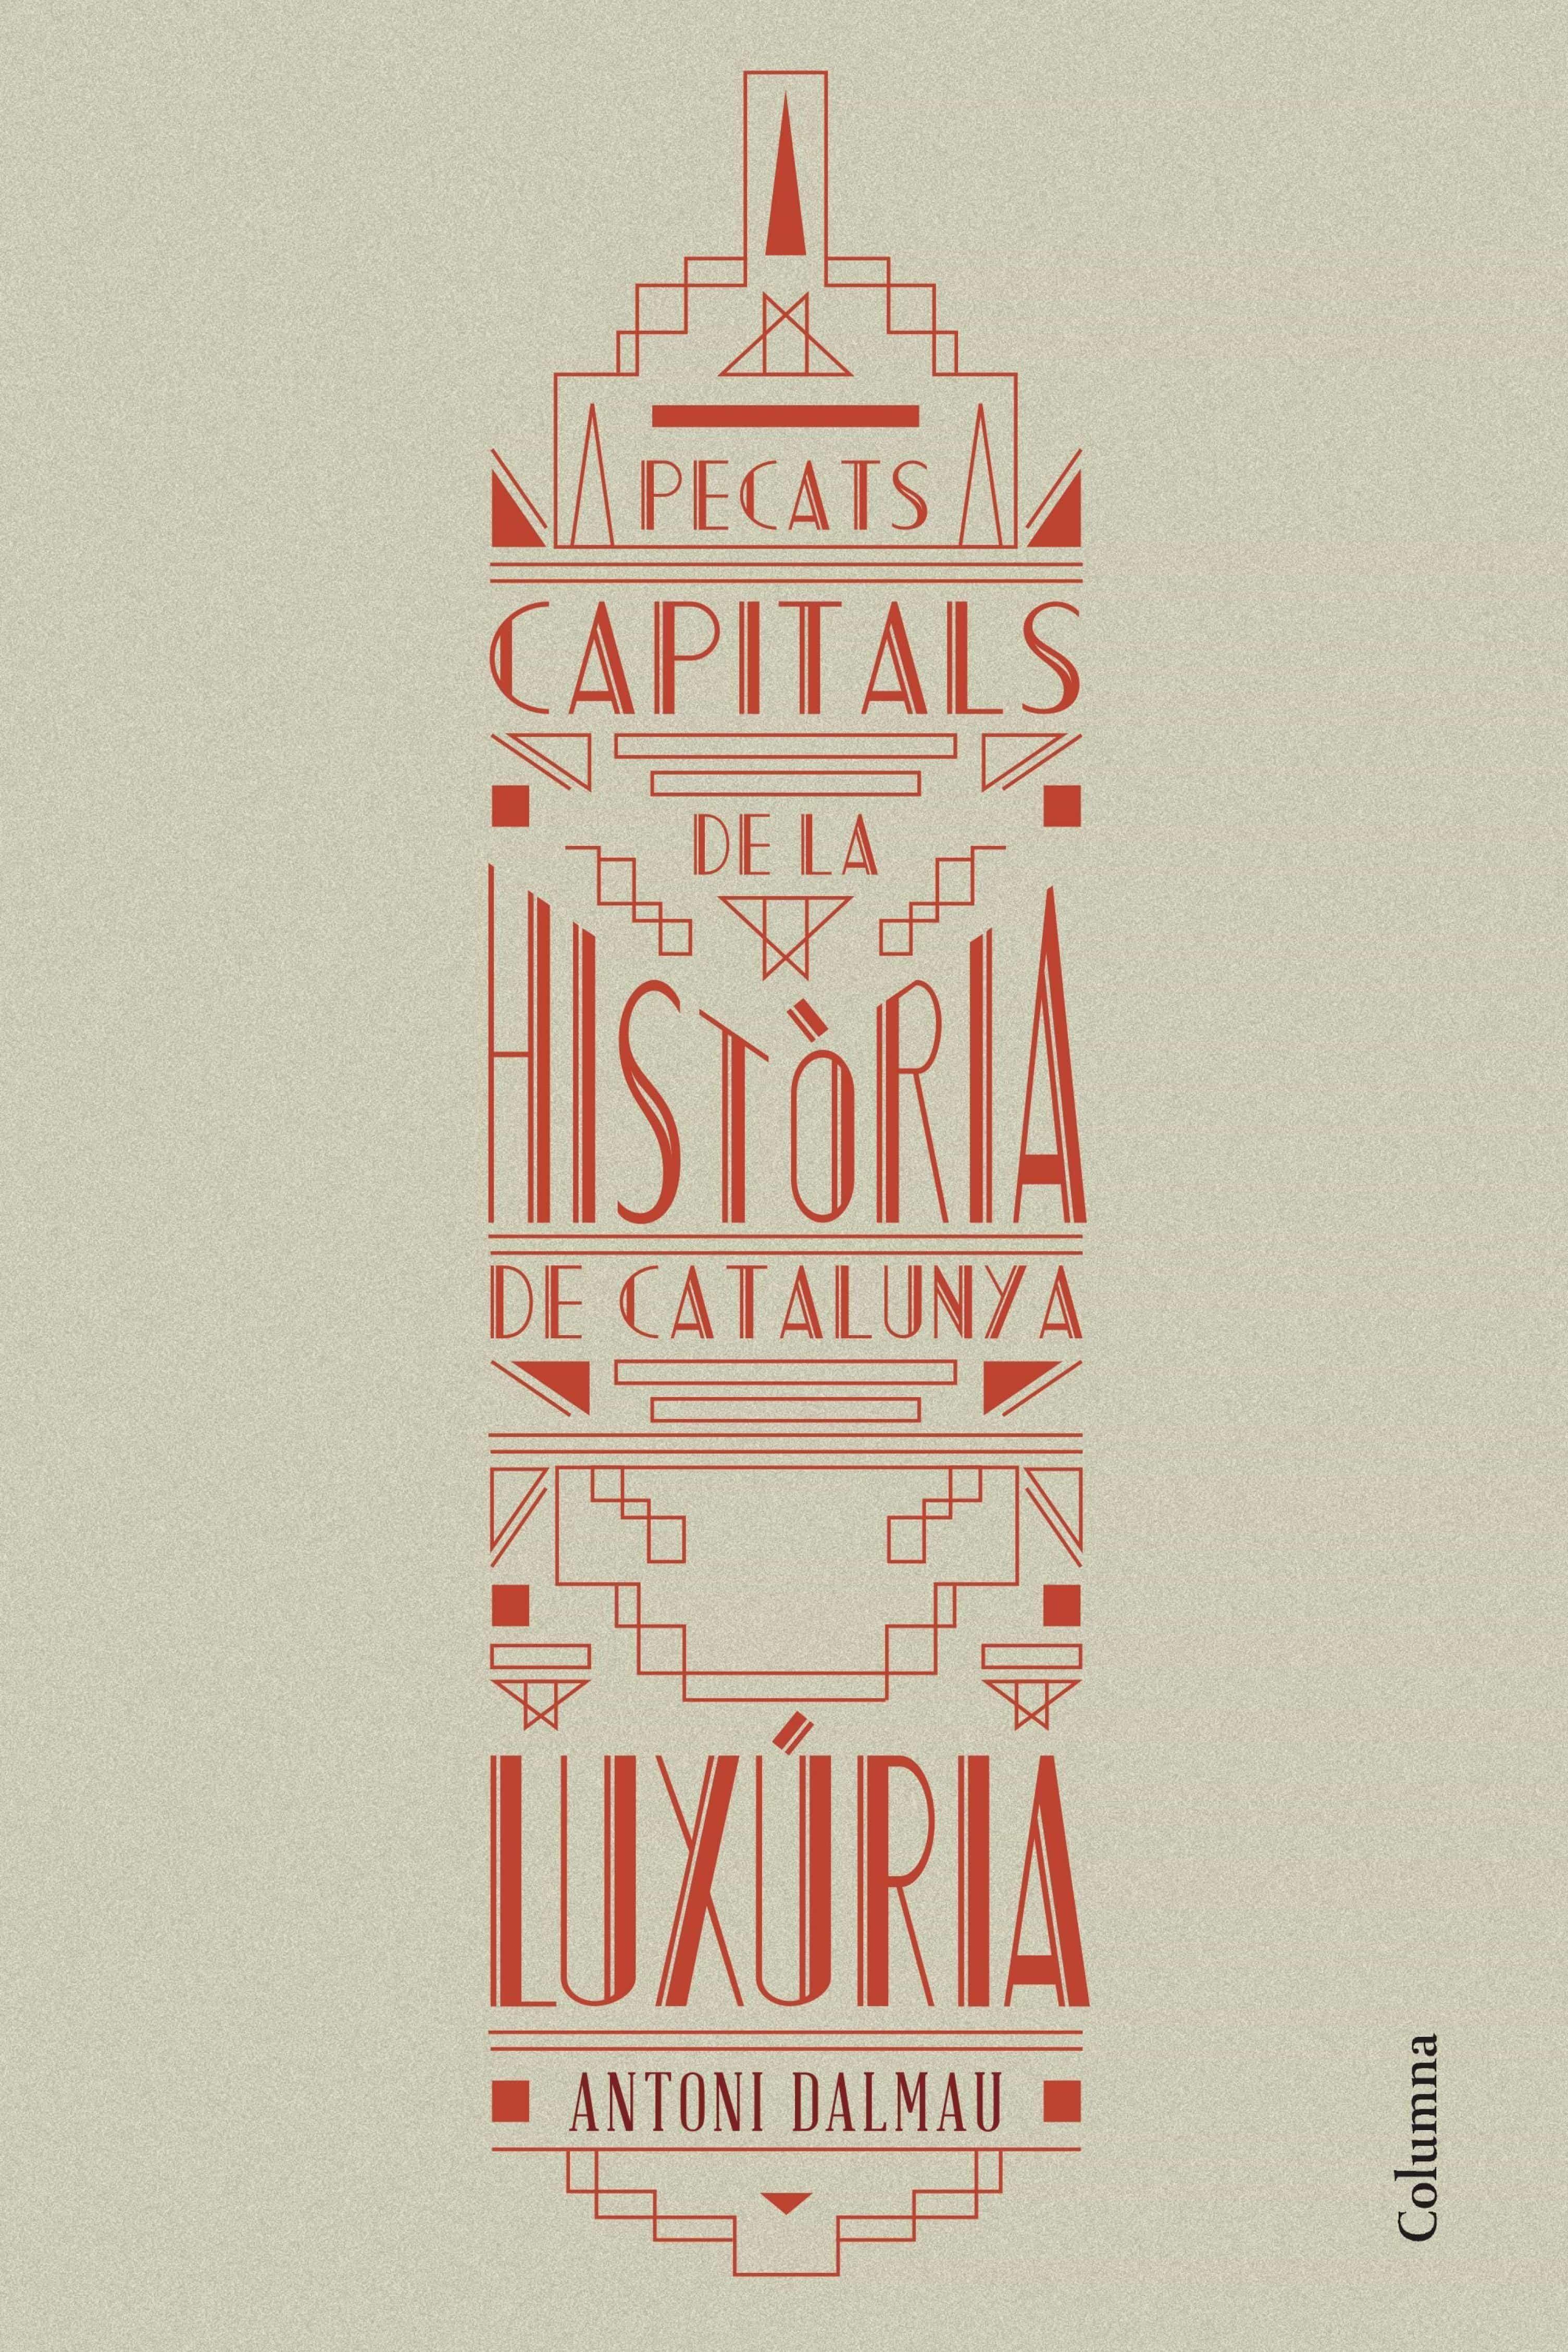 Pecats capitals de la història de Catalunya. Luxúria